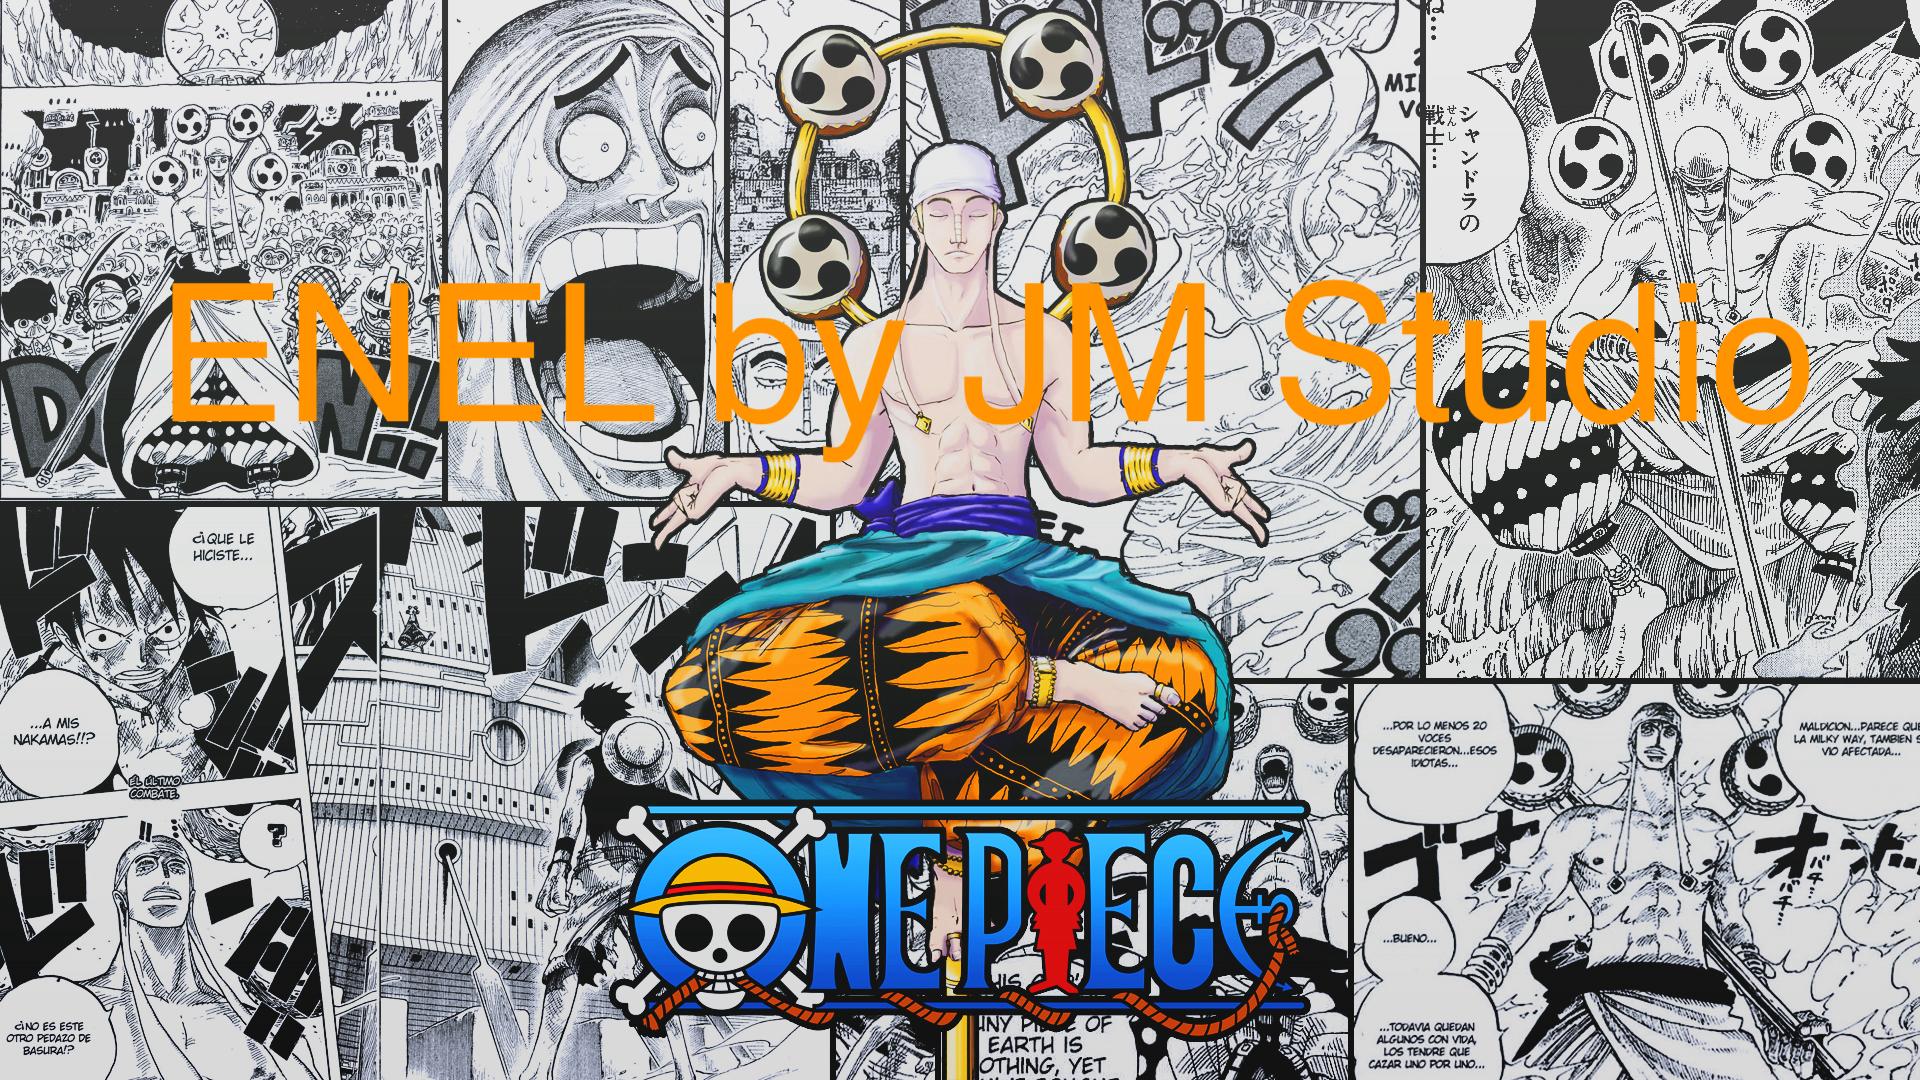 Review EP.29 God Enel By Jm Studio : เทพสายฟ้าแห่งดินแดนยูโทเปีย